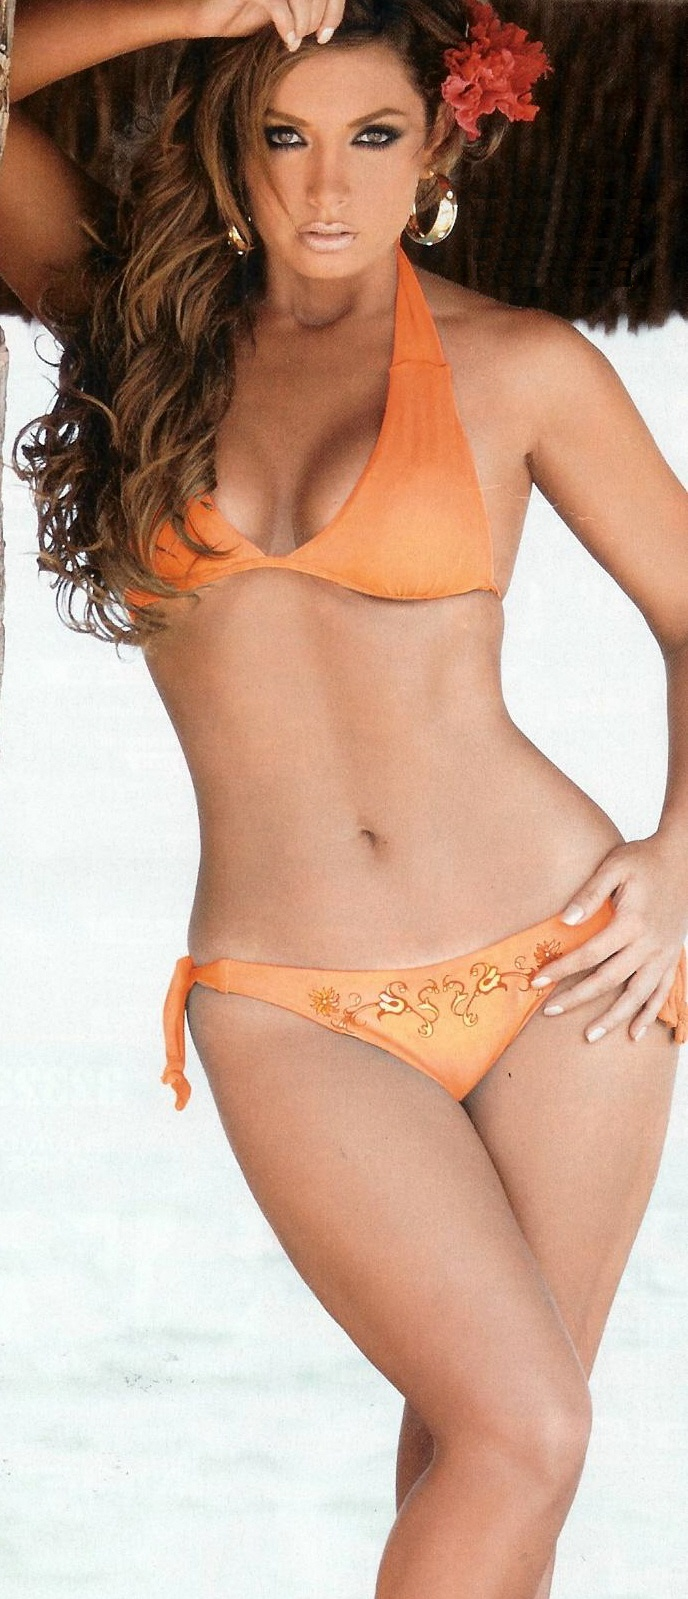 Patricia navidad nude stockings — pic 15